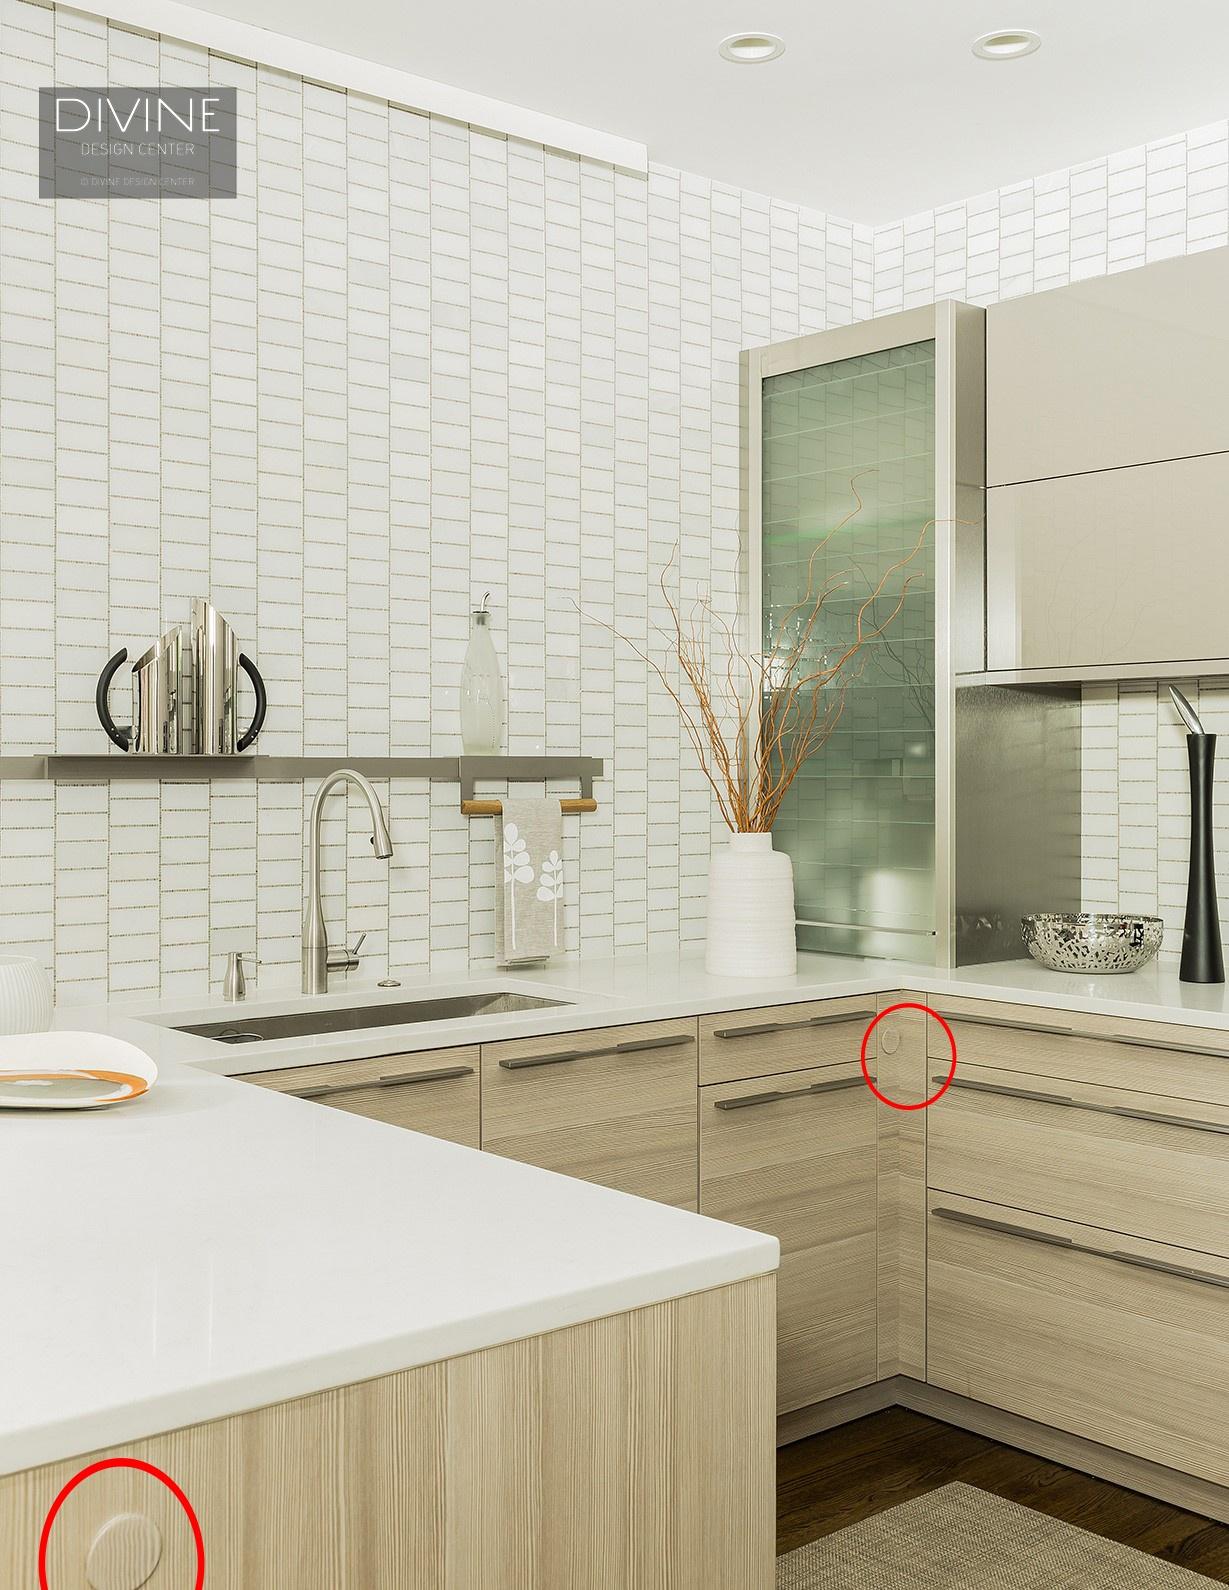 Modern Kitchen, Sillite, Sillites, Kitchen Outlets, Outlets, Kitchen, Tile  Back